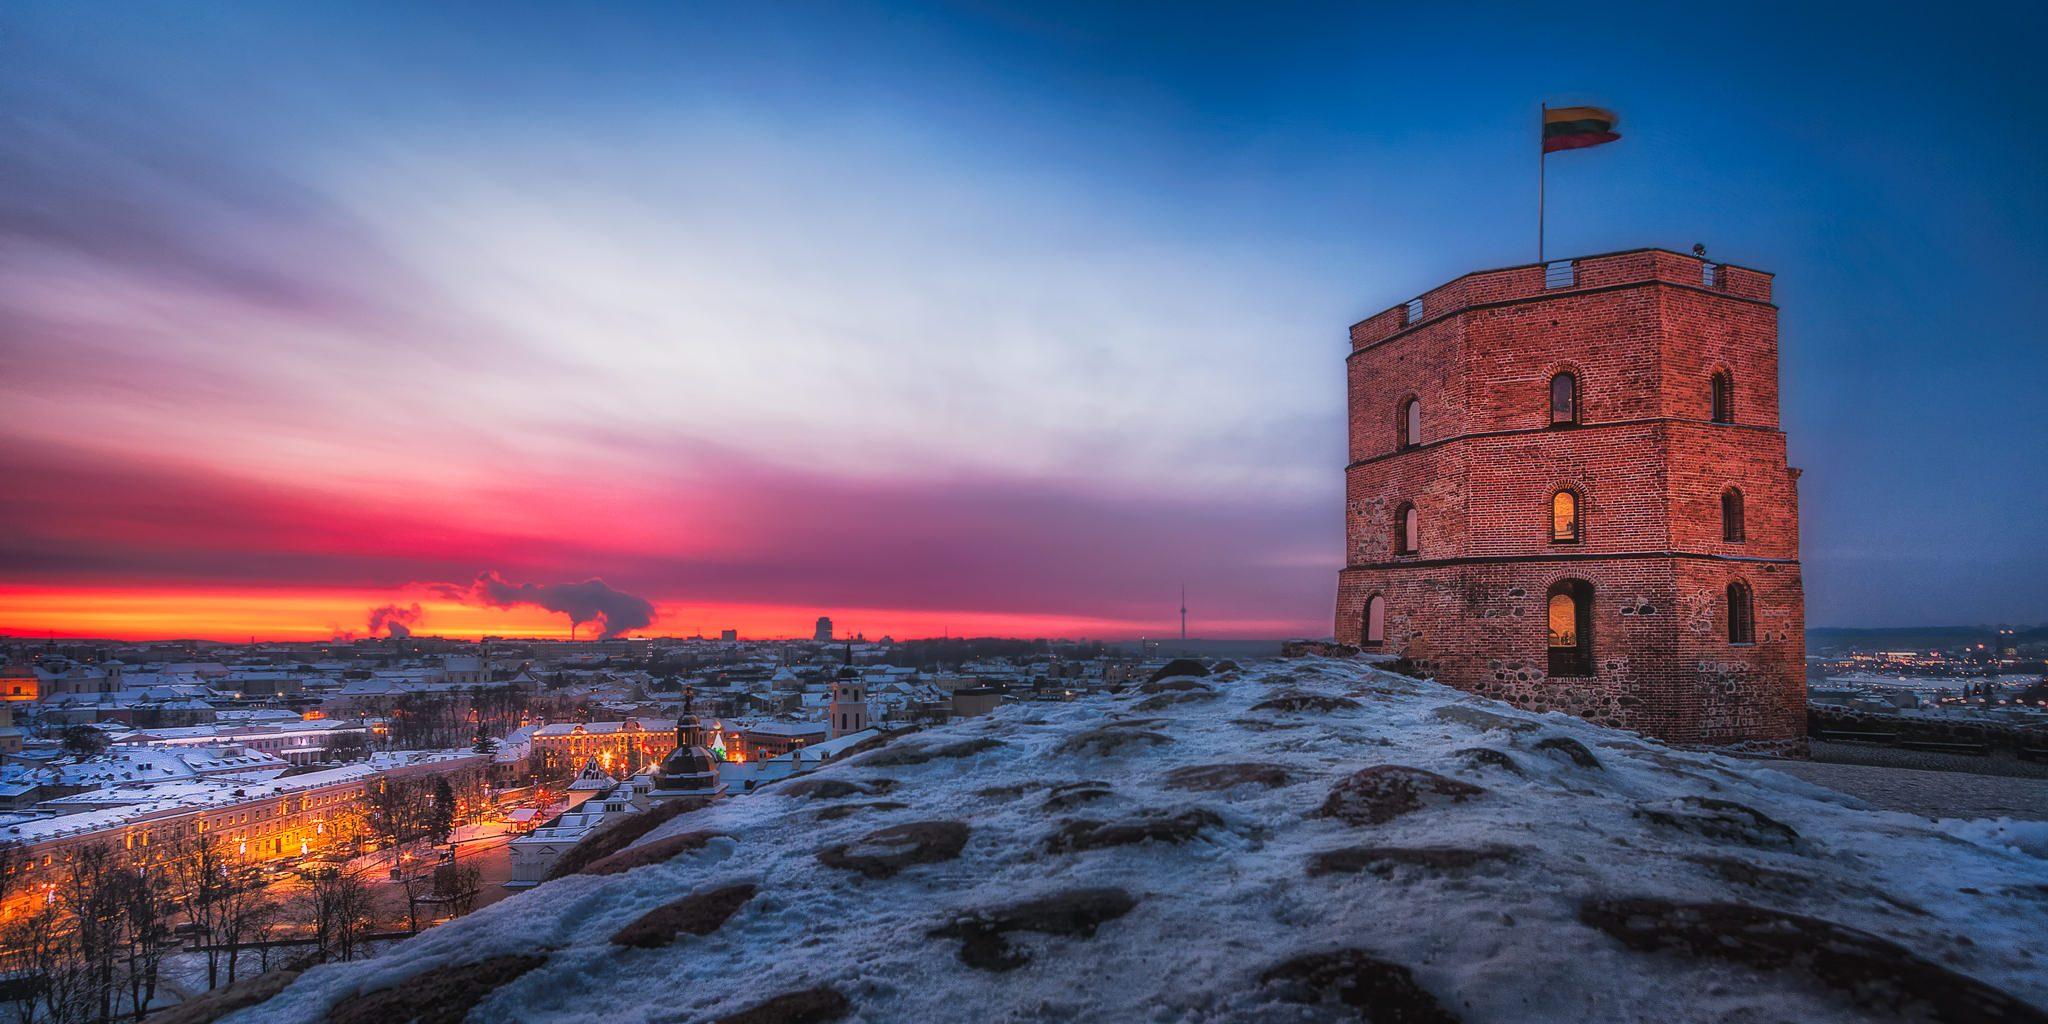 Panorama von Vilnius, Litauen, mit einem Fokus auf den Gedimias-Turm.